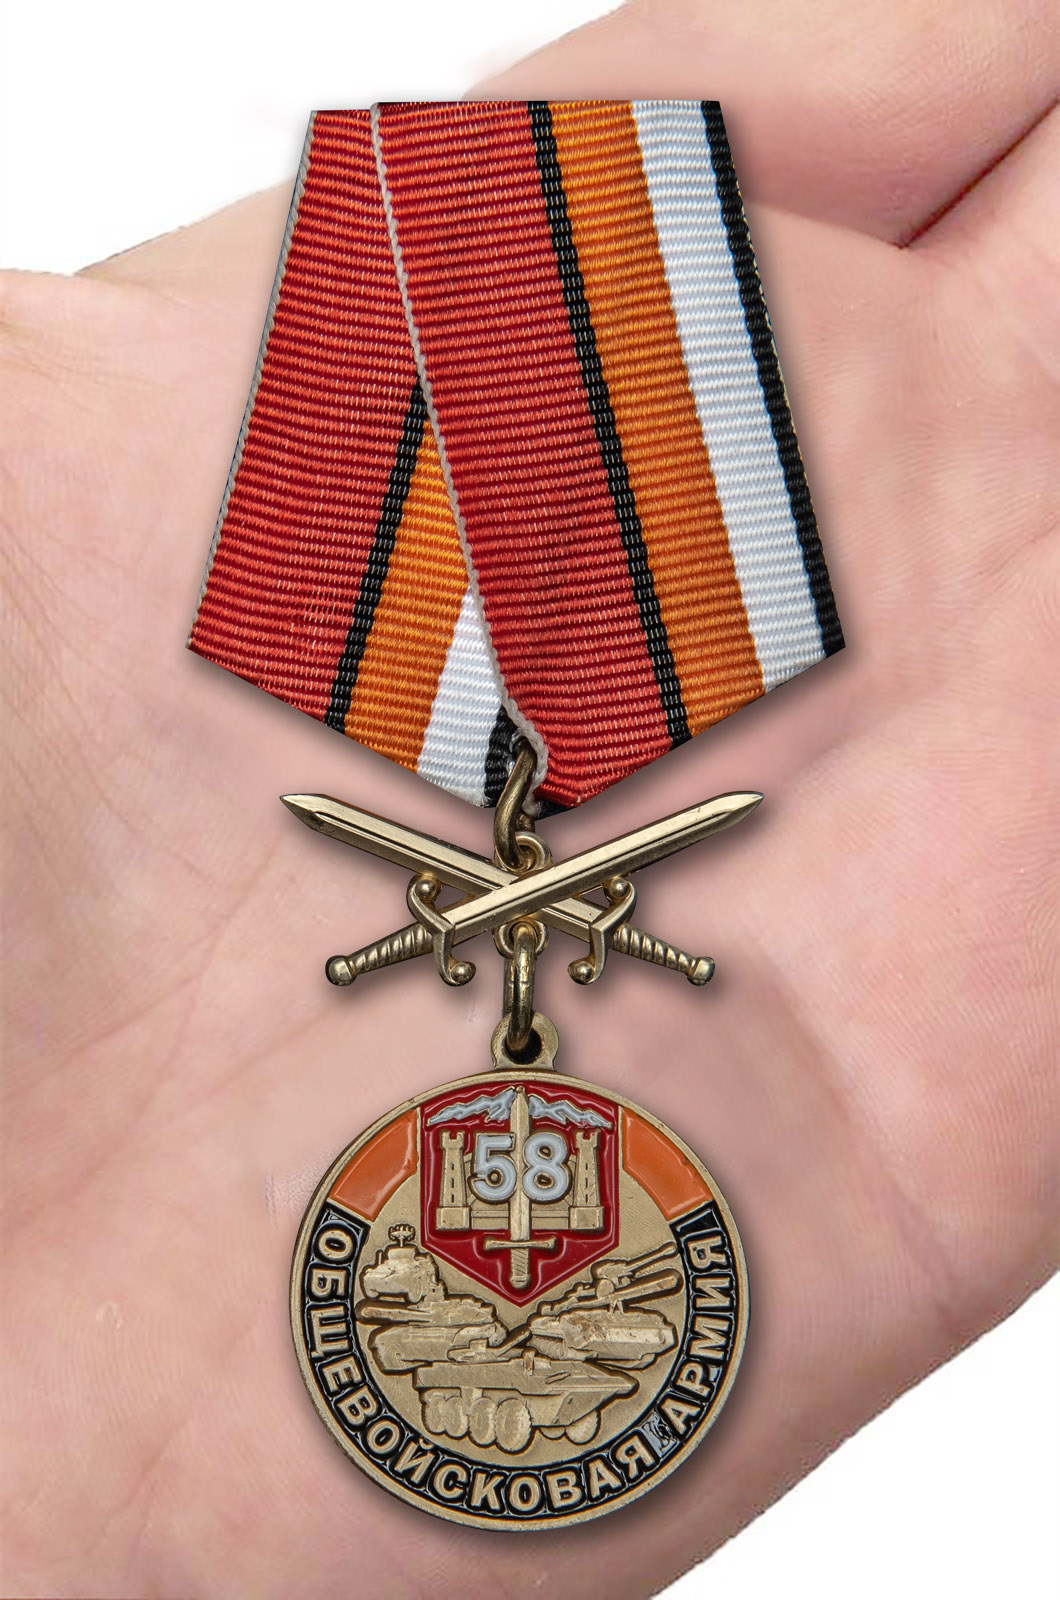 Латунная медаль 58 Общевойсковая армия За службу - вид на ладони